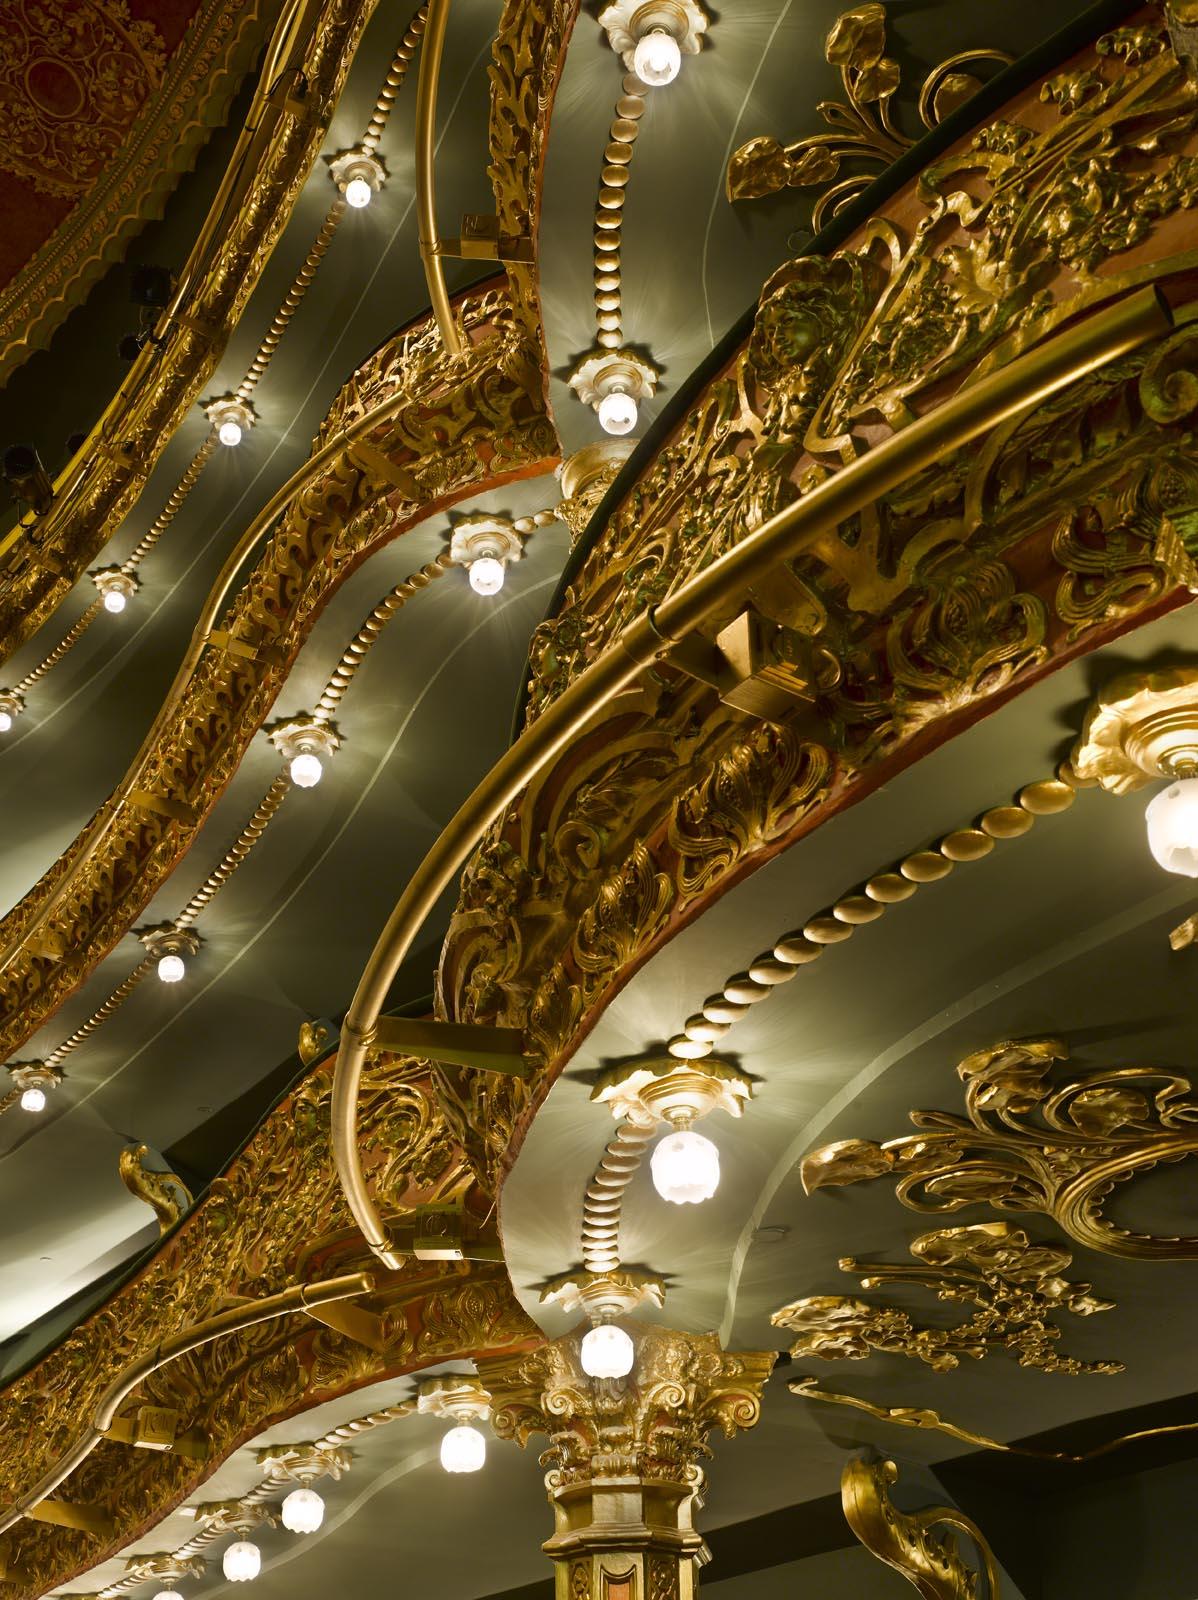 Teatro campos el seos de bilbao de joya modernista a sala - Estudio arquitectura bilbao ...